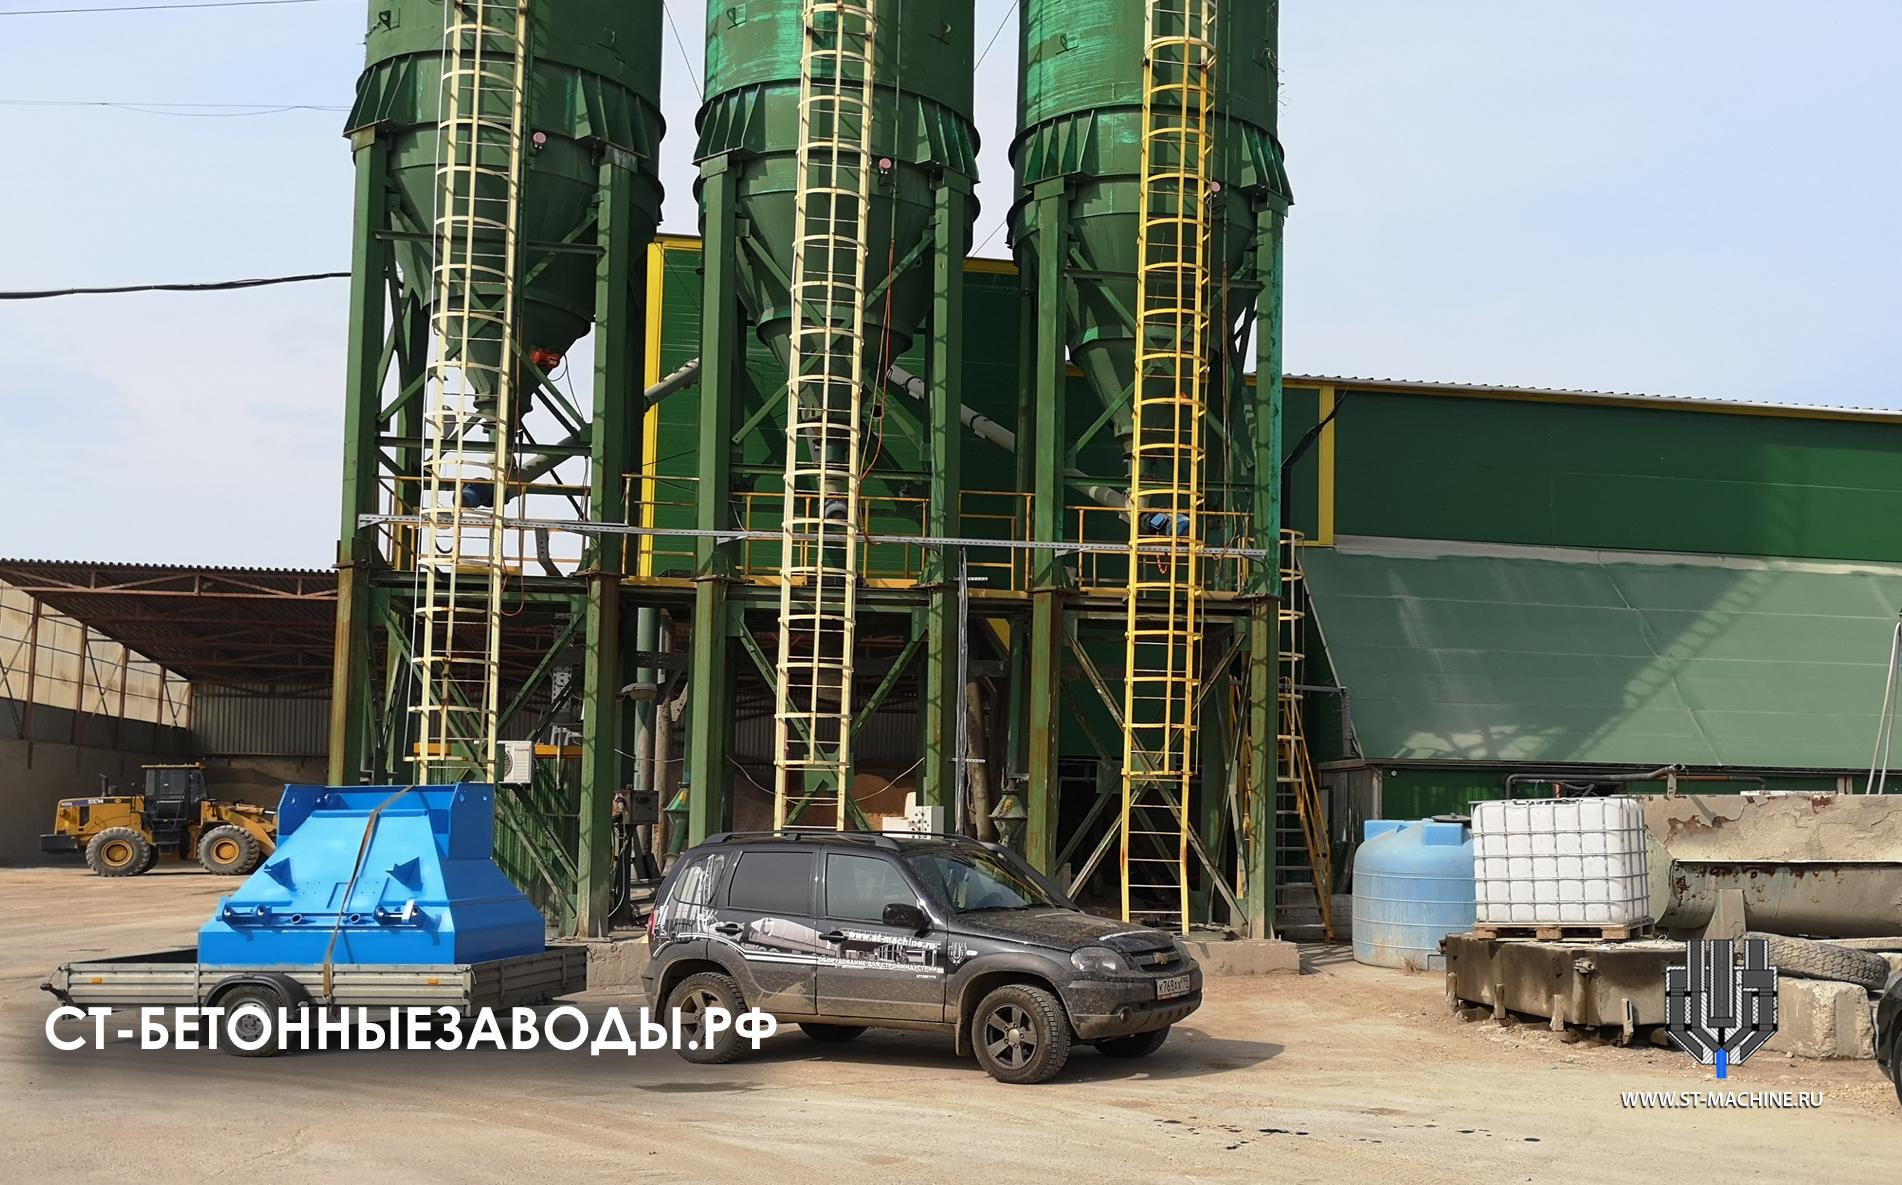 st-bsu.ru-оборудование-бетонный-завод-ст-бетонныезаводы.рф.jpg